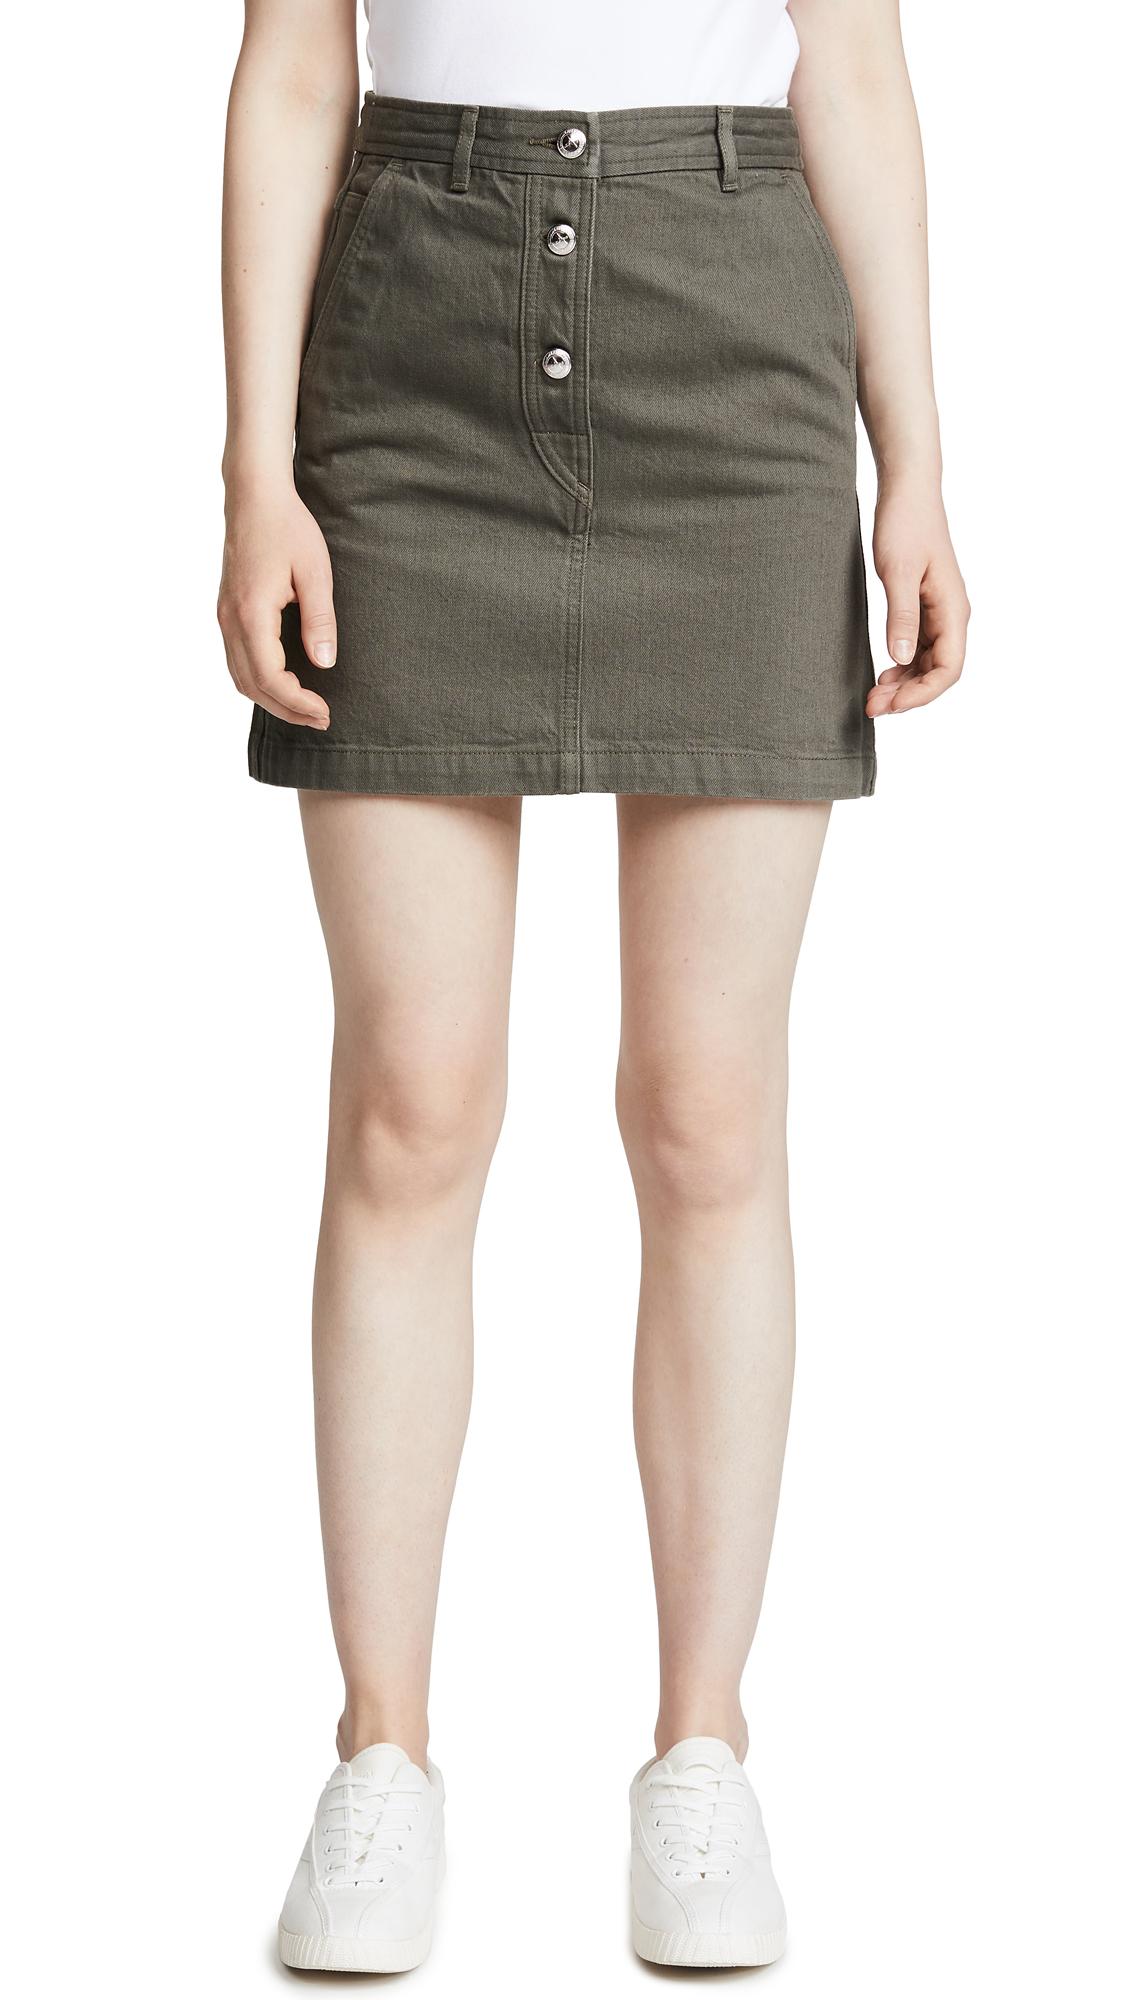 A.P.C. Adele Miniskirt In Kaki